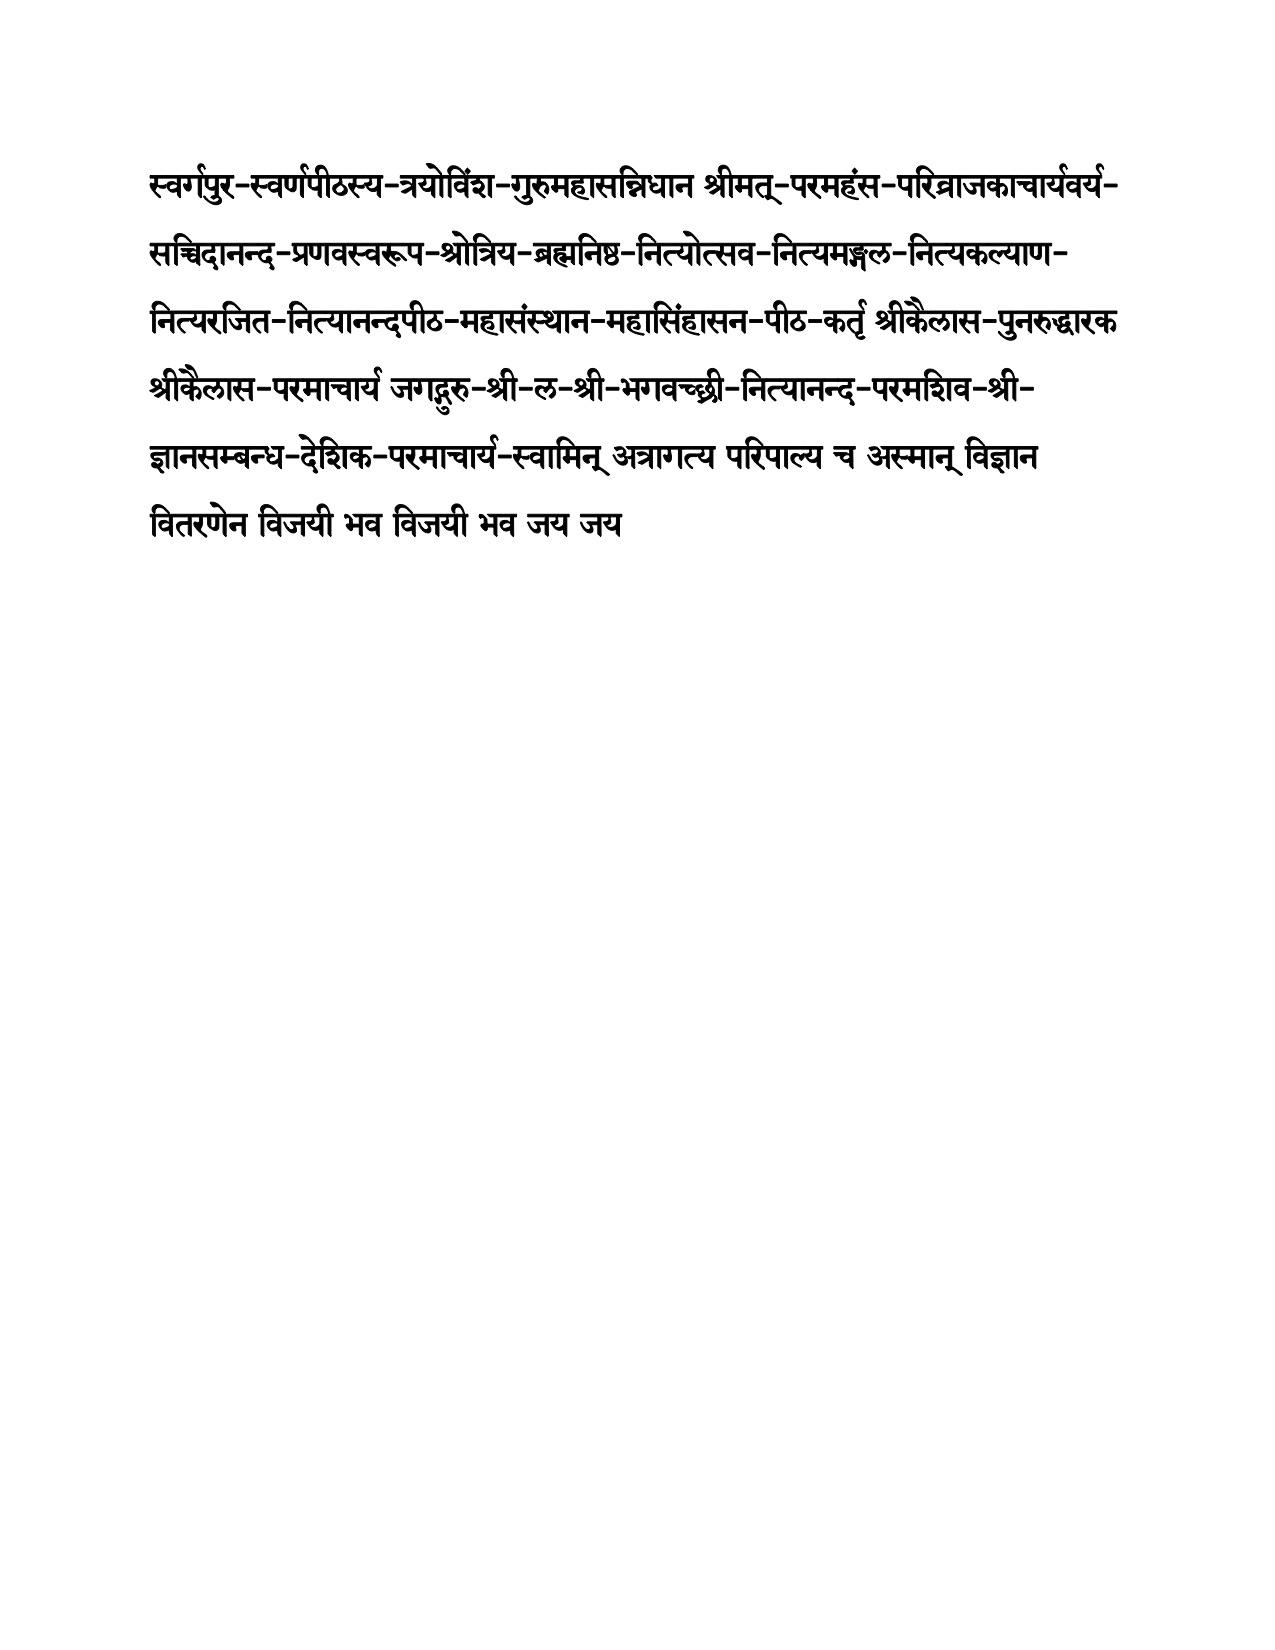 anthem sanskrit 23 Dec 2